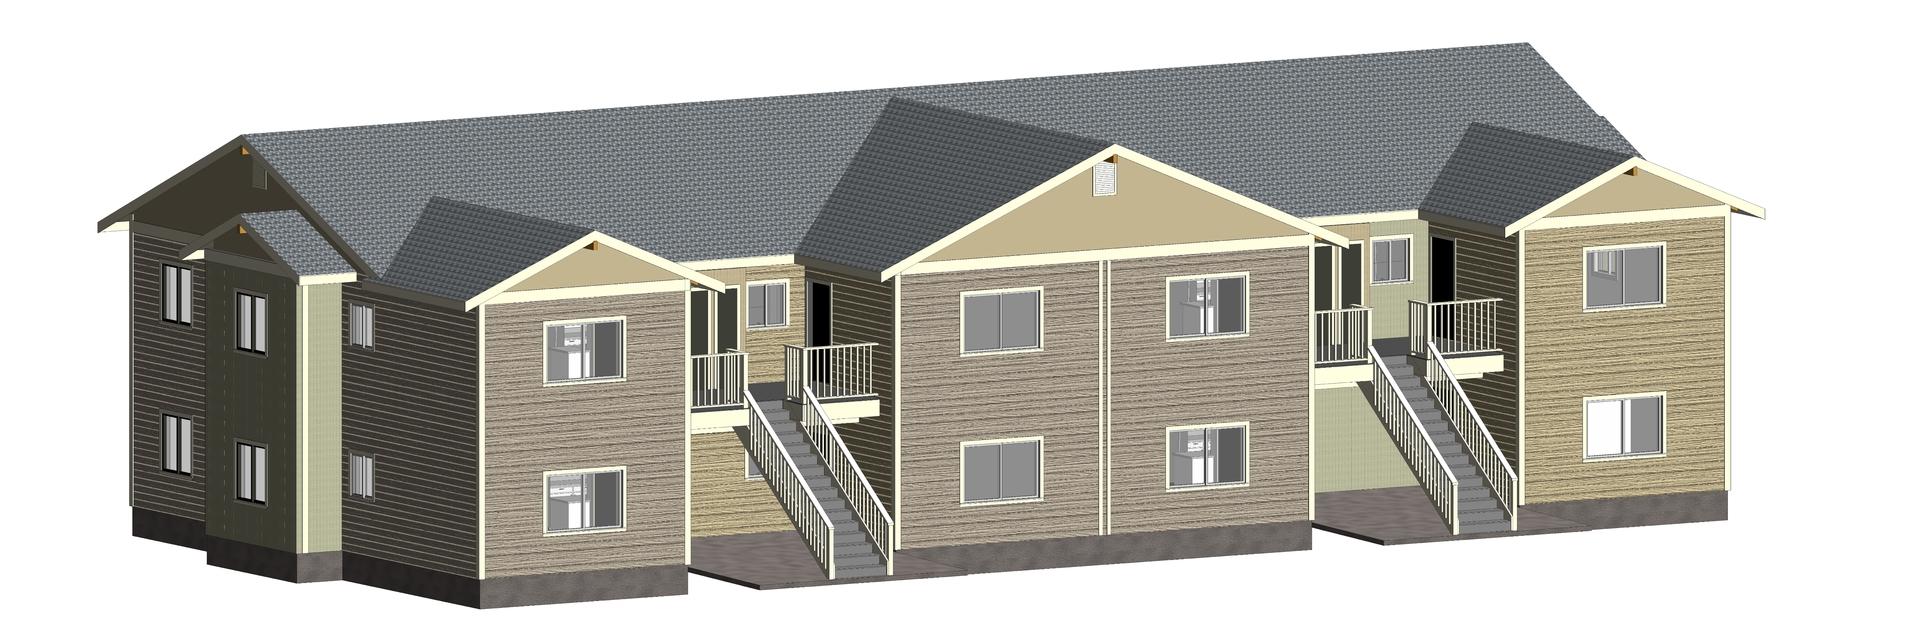 fourplex townhomes 3D model